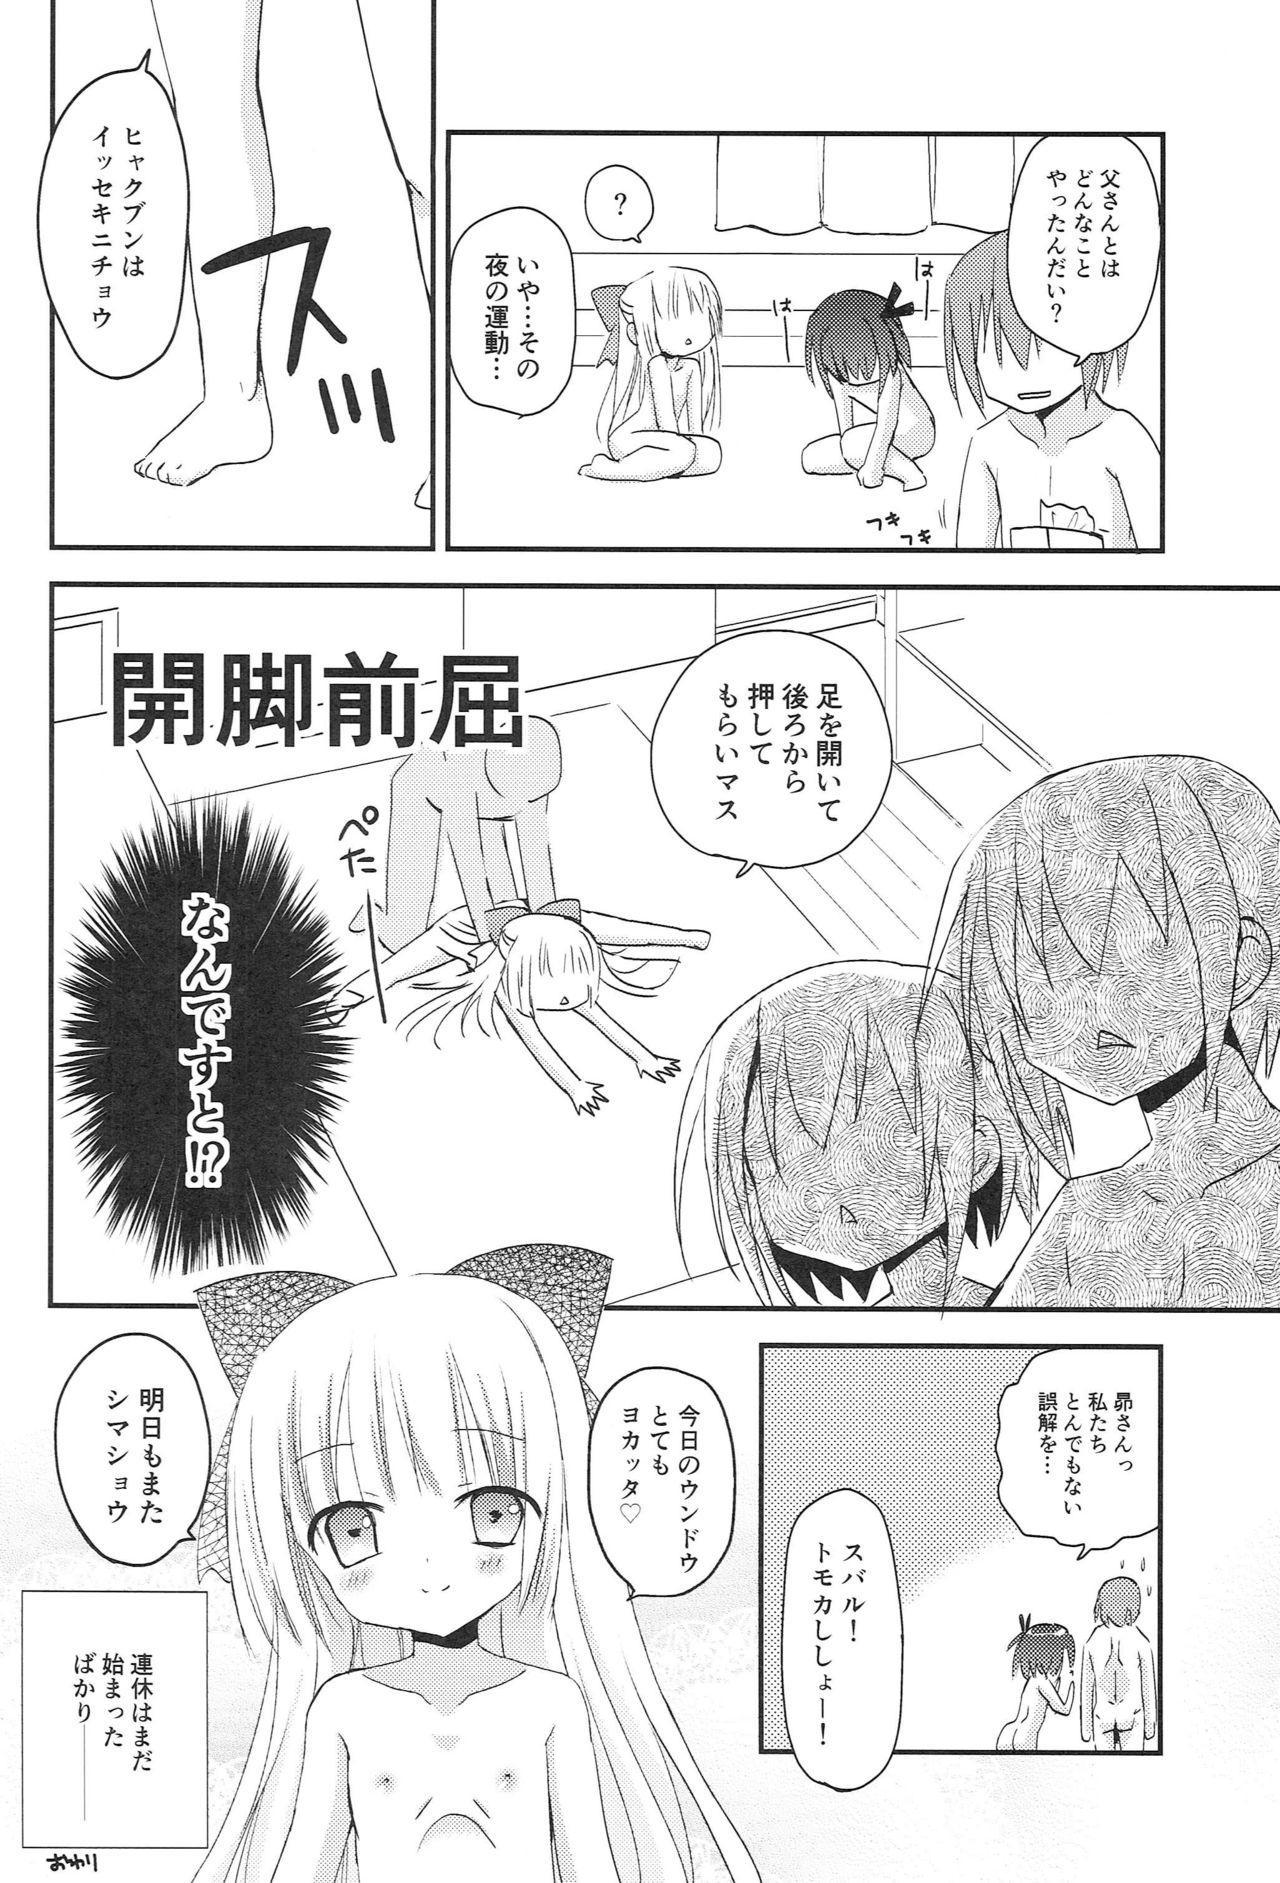 Tomoka to Mimi no Otomari 3P 30